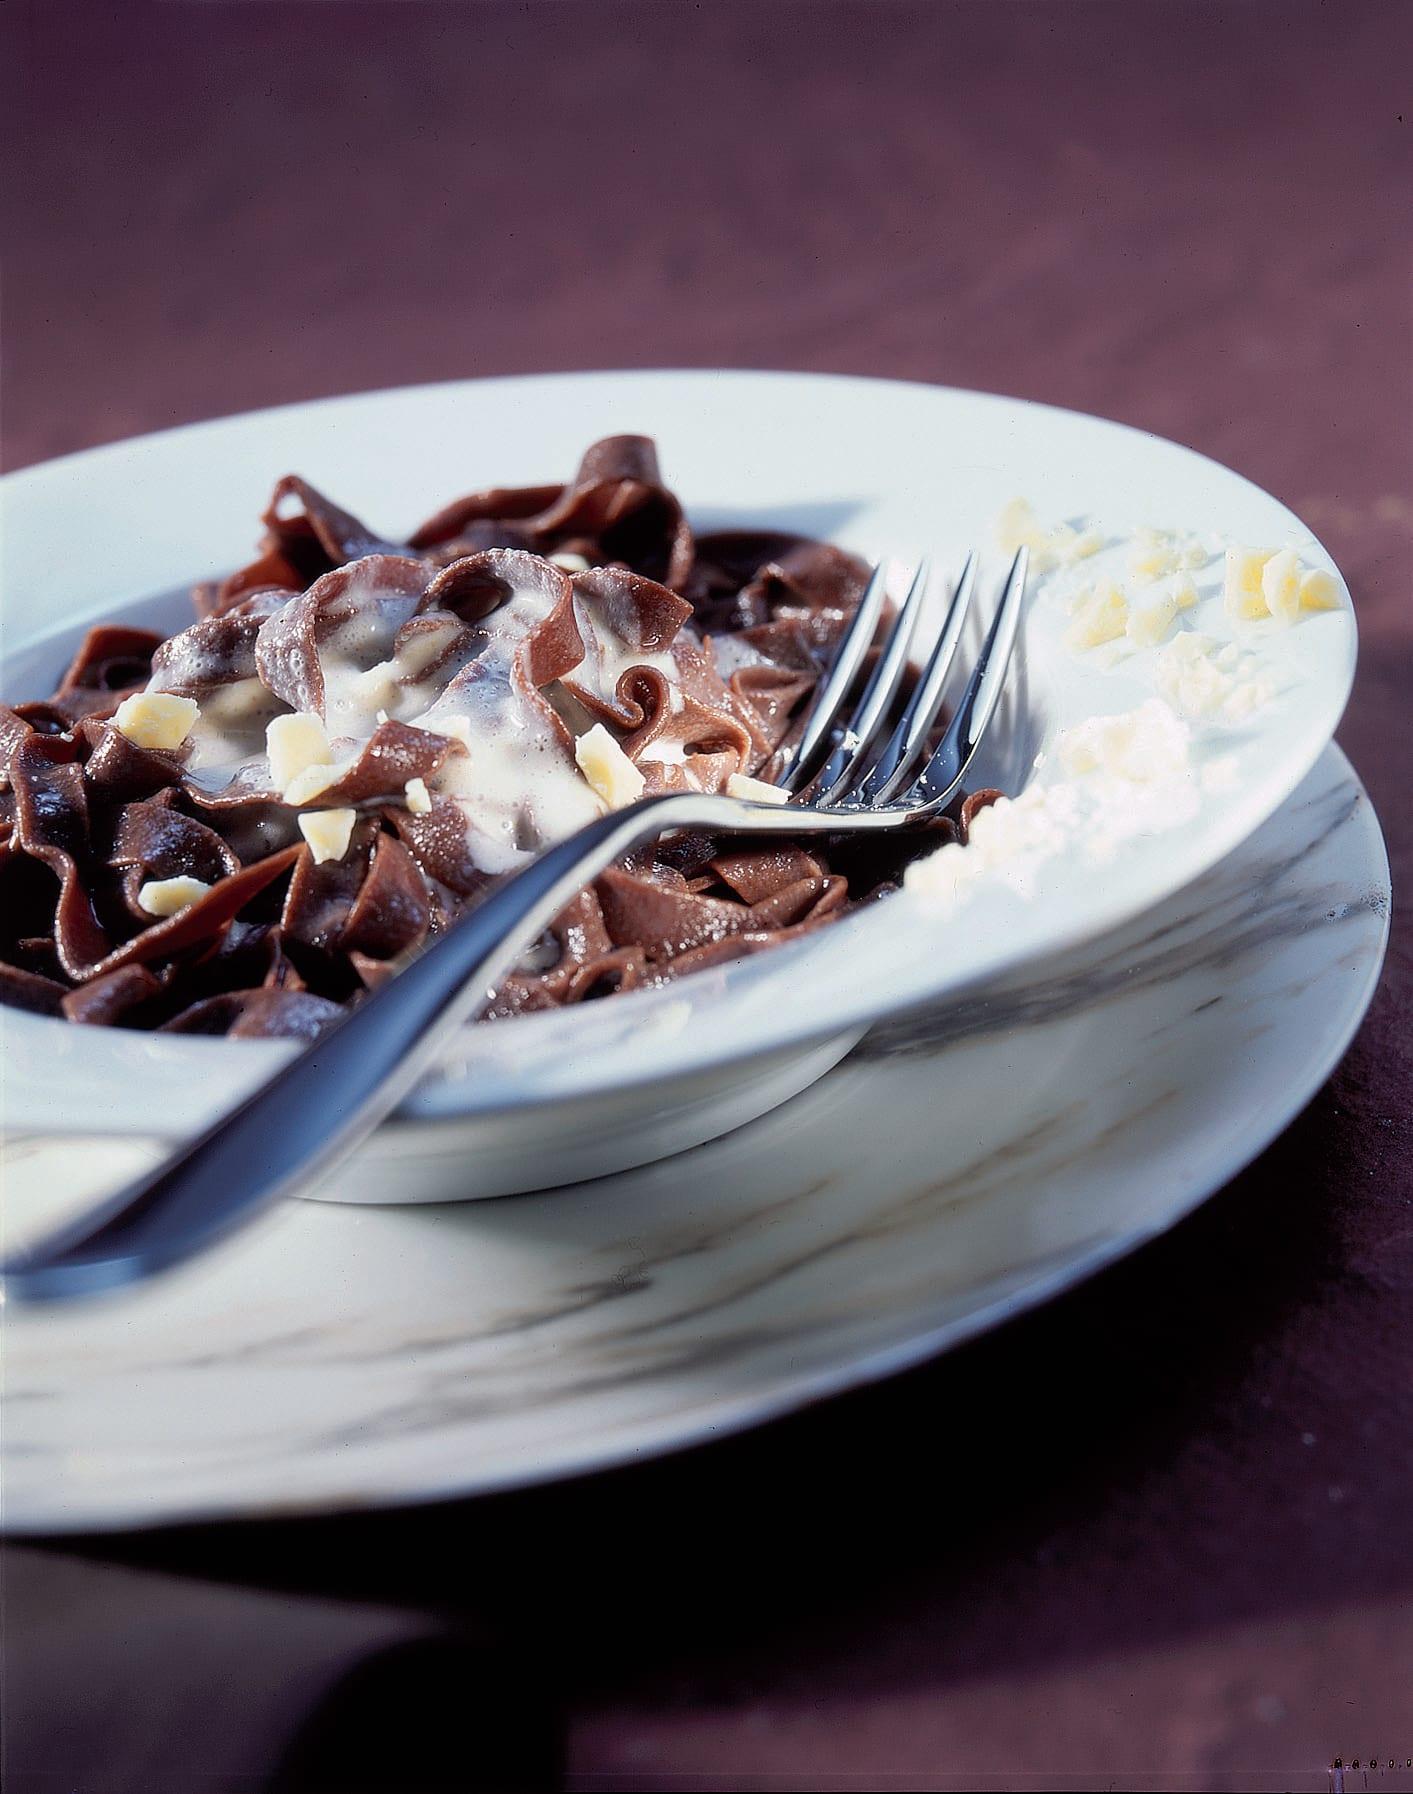 Nouilles au chocolat sauce cannelle